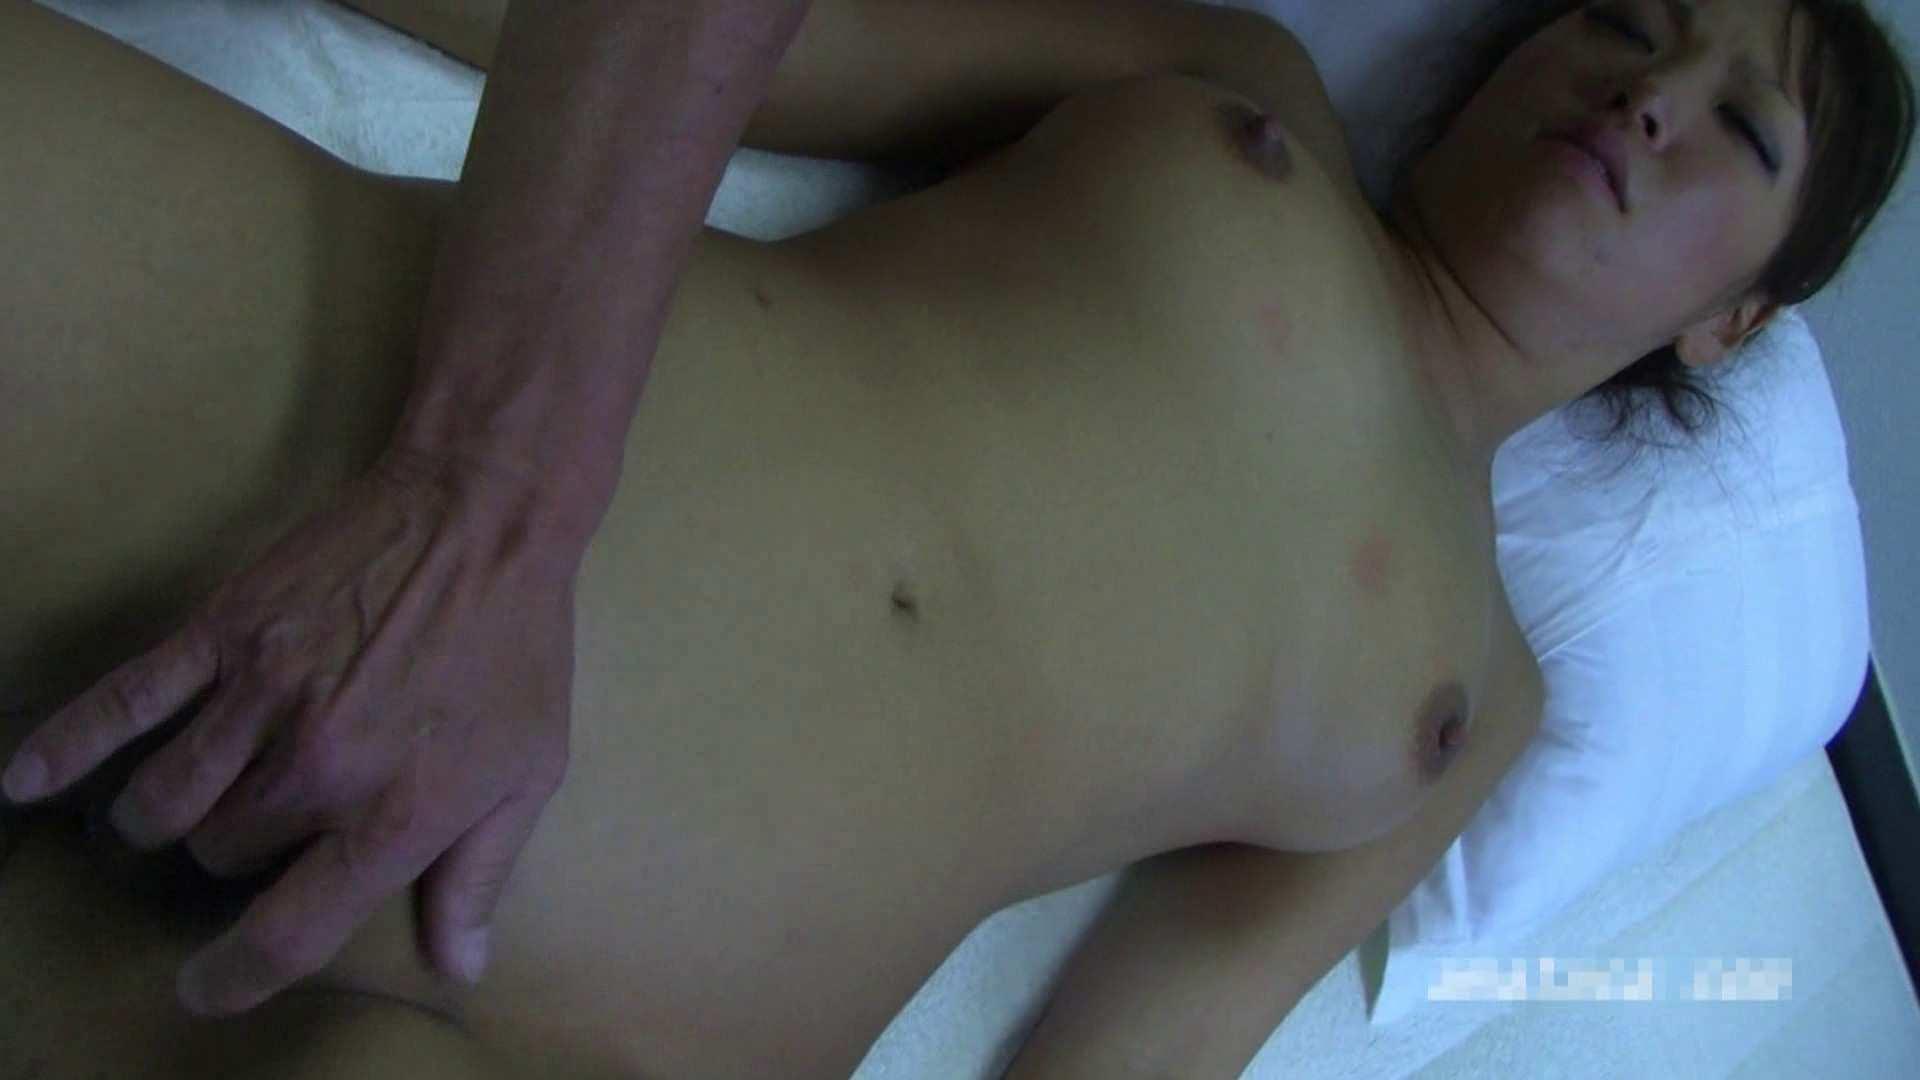 デリへル嬢のみかちゃん23歳vol.4 本番 セックス無修正動画無料 73連発 23